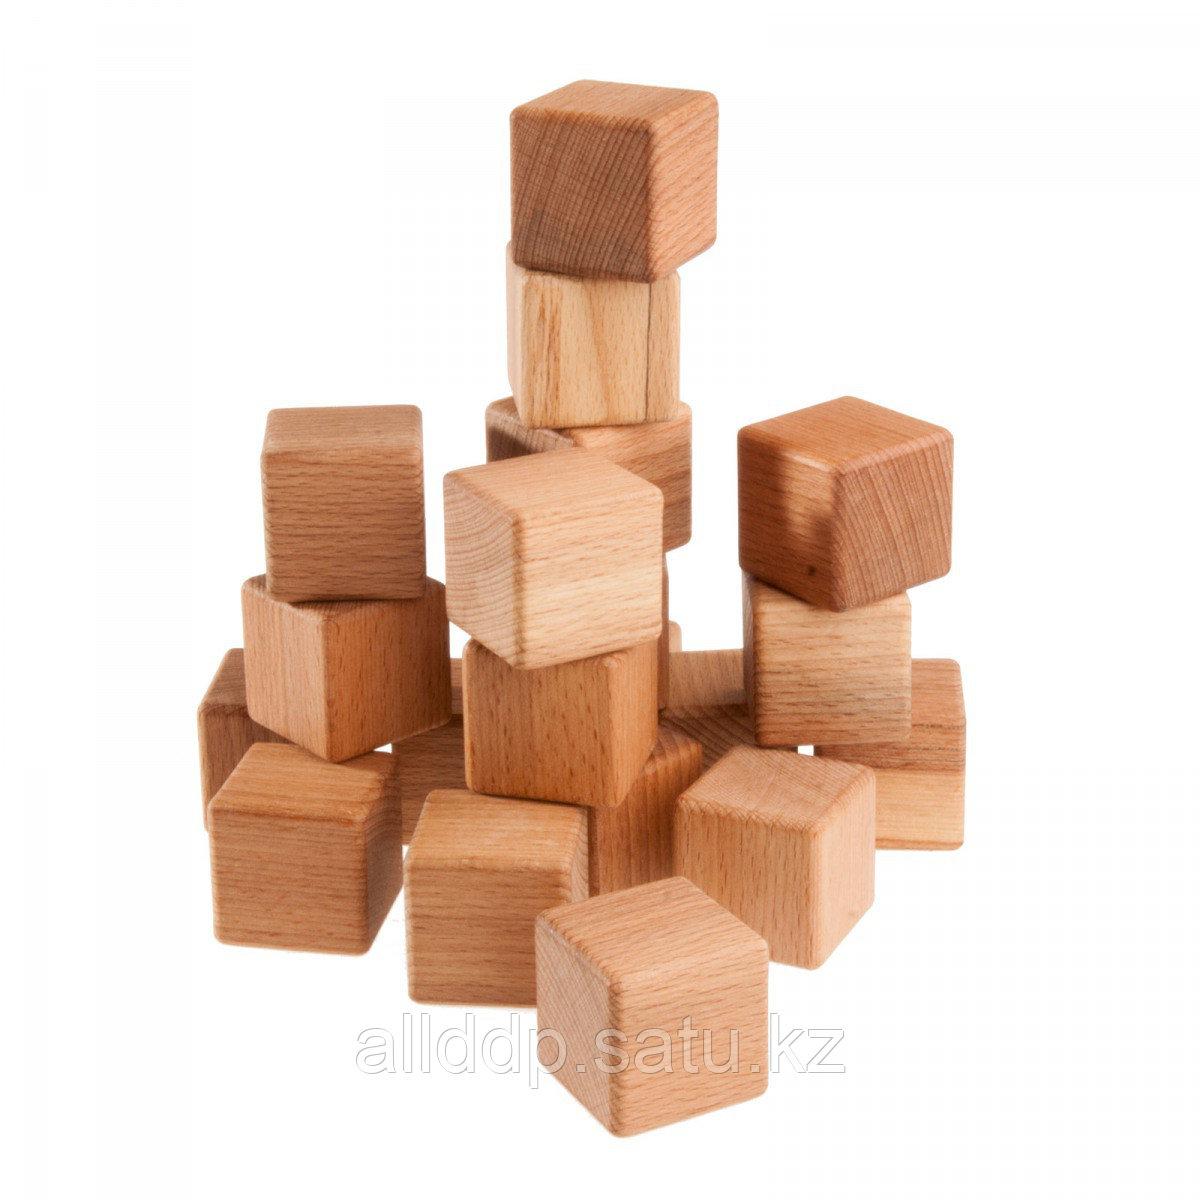 Куб деревянный 20см К230